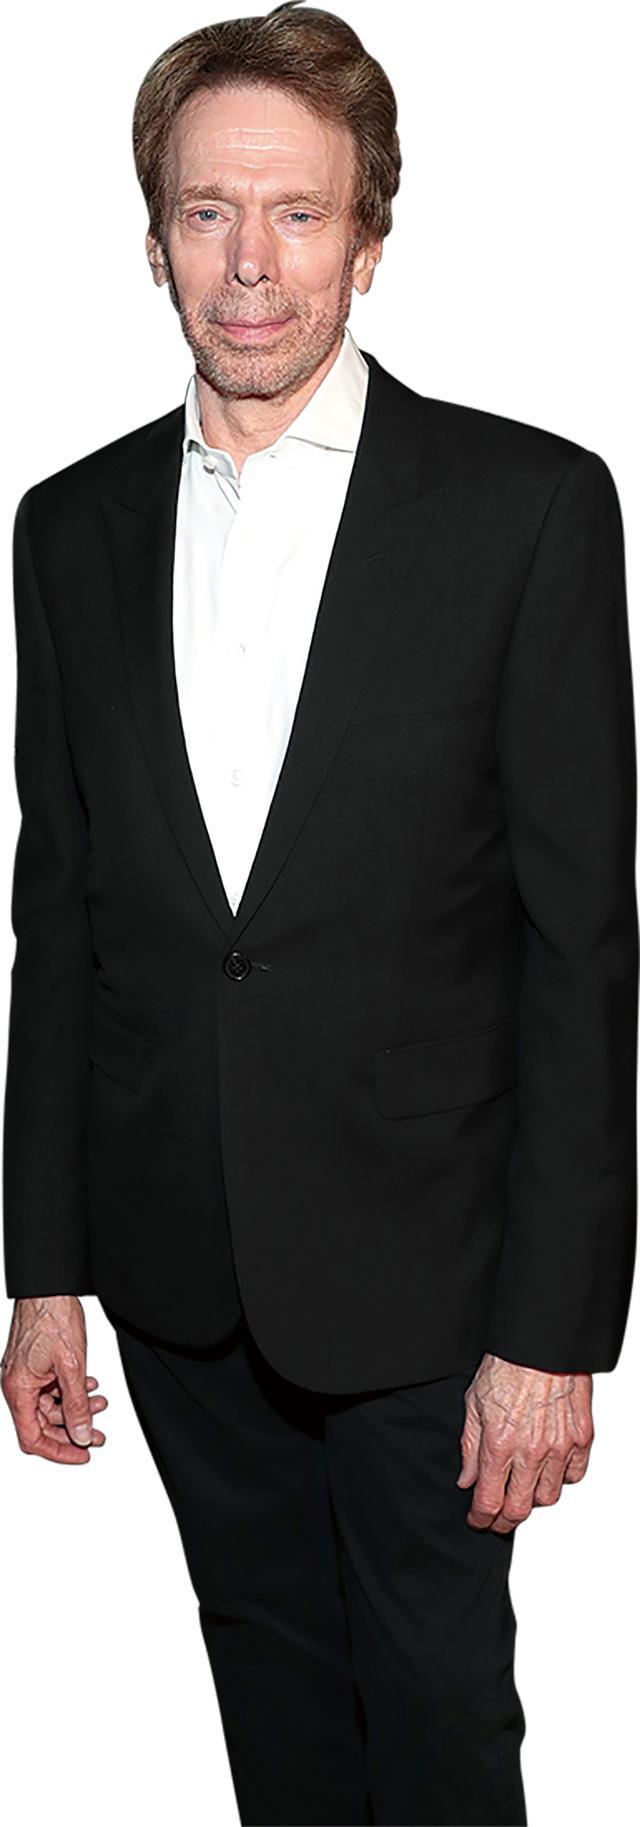 画像: ジェリー・ブラッカイマー 1945年生まれ。「トップガン」(1986)など1980年代からハリウッド最高のヒットメーカーとして活躍する名プロデューサー。代表作は「アルマゲドン」(1998)「パイレーツ・オブ・カリビアン」シリーズ(2003~)など。